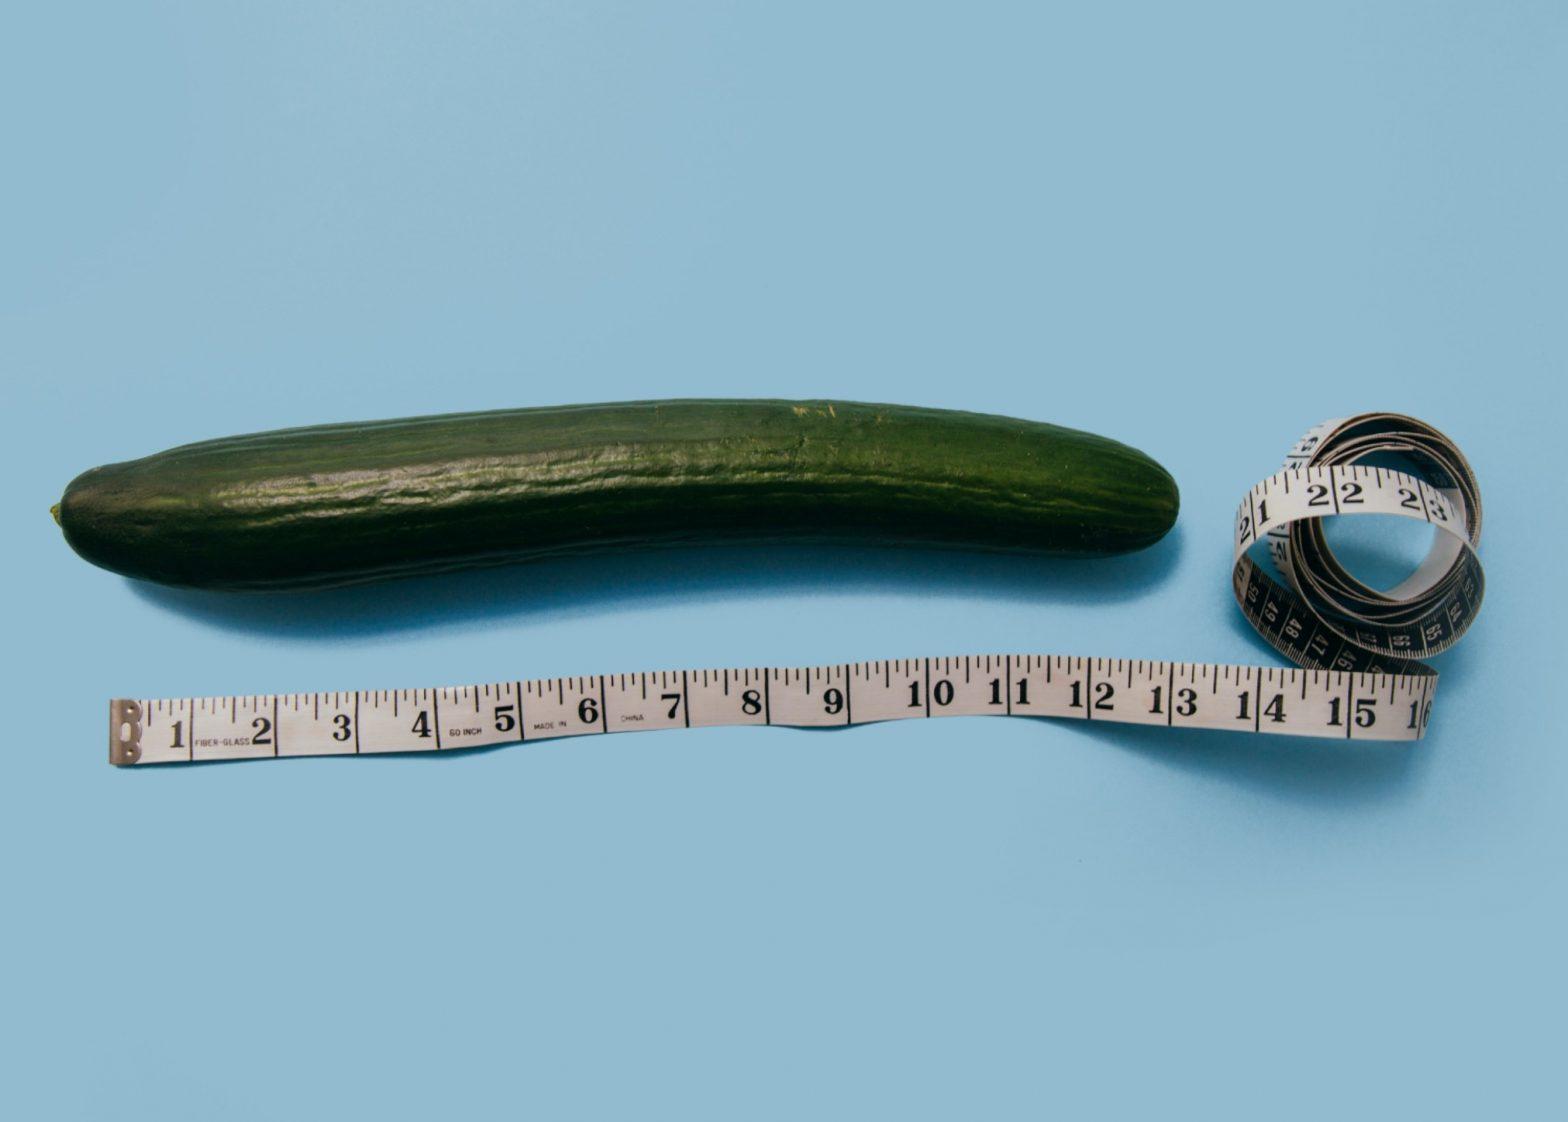 Perfekter Penis: Wie groß muss sein bestes Stück wirklich